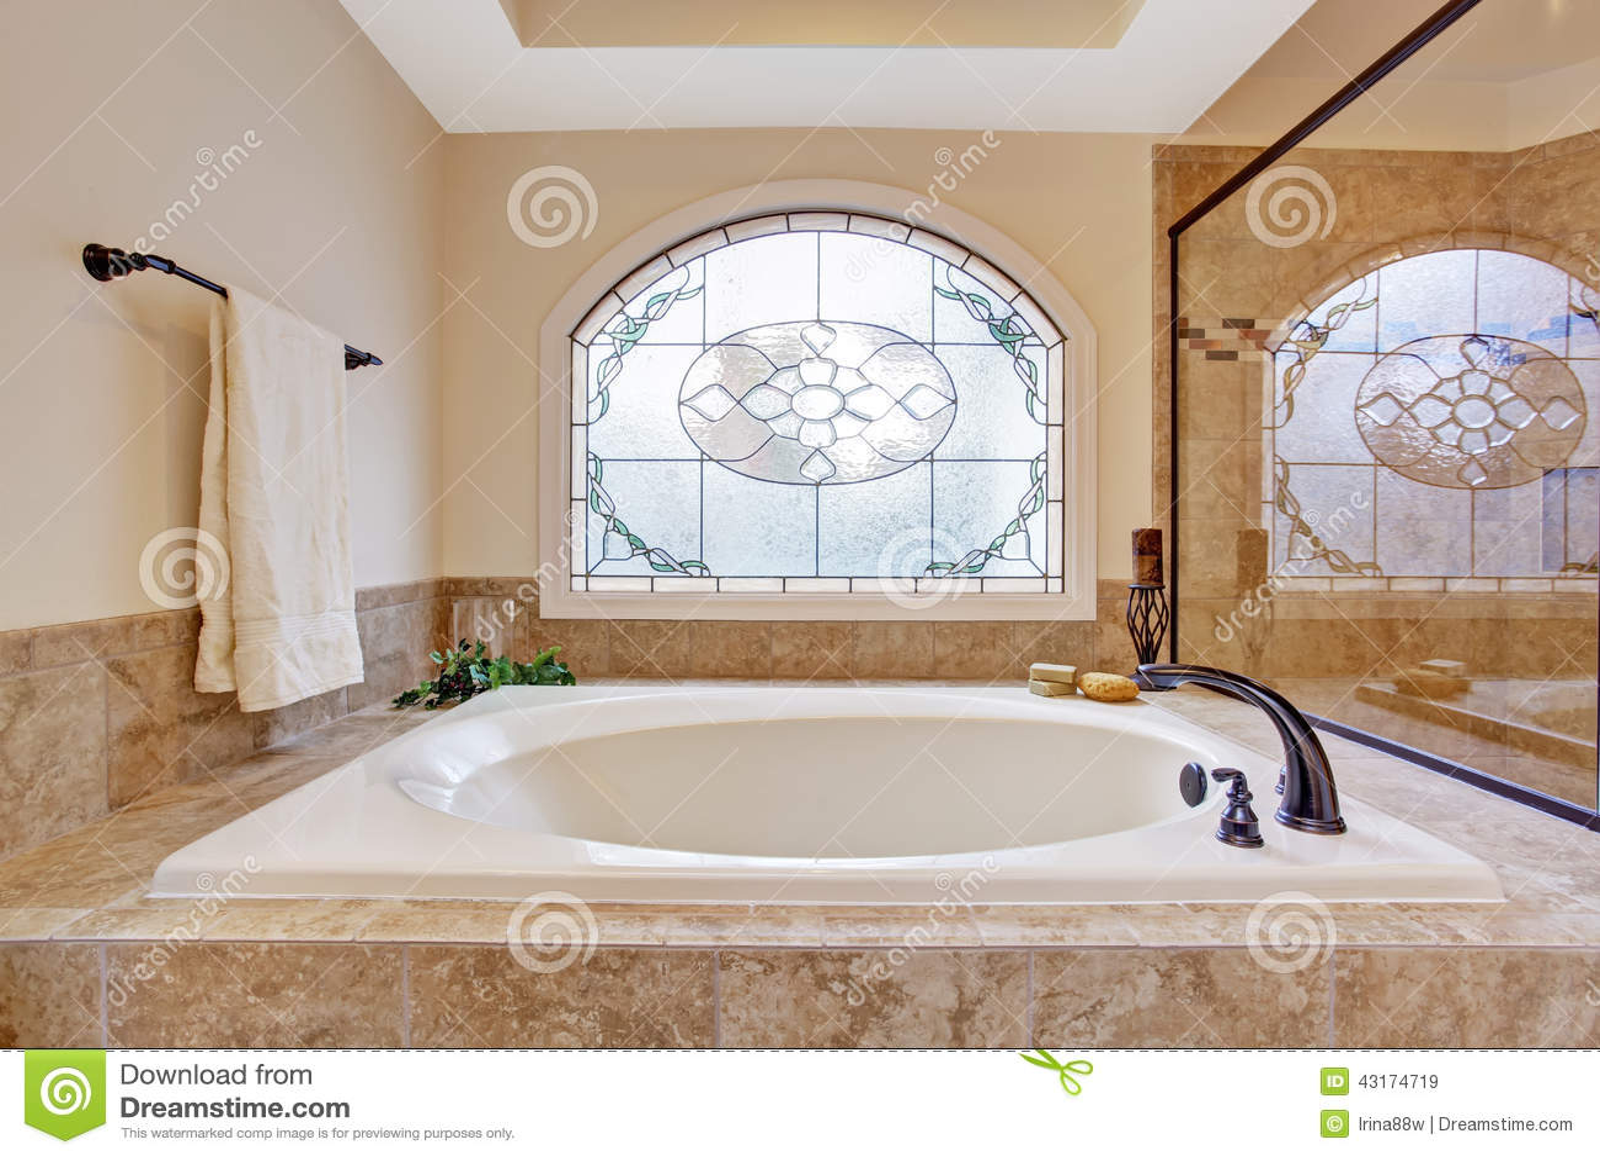 Belle baignoire dans la salle de bains de luxe photo stock for Belle salle de bain photo